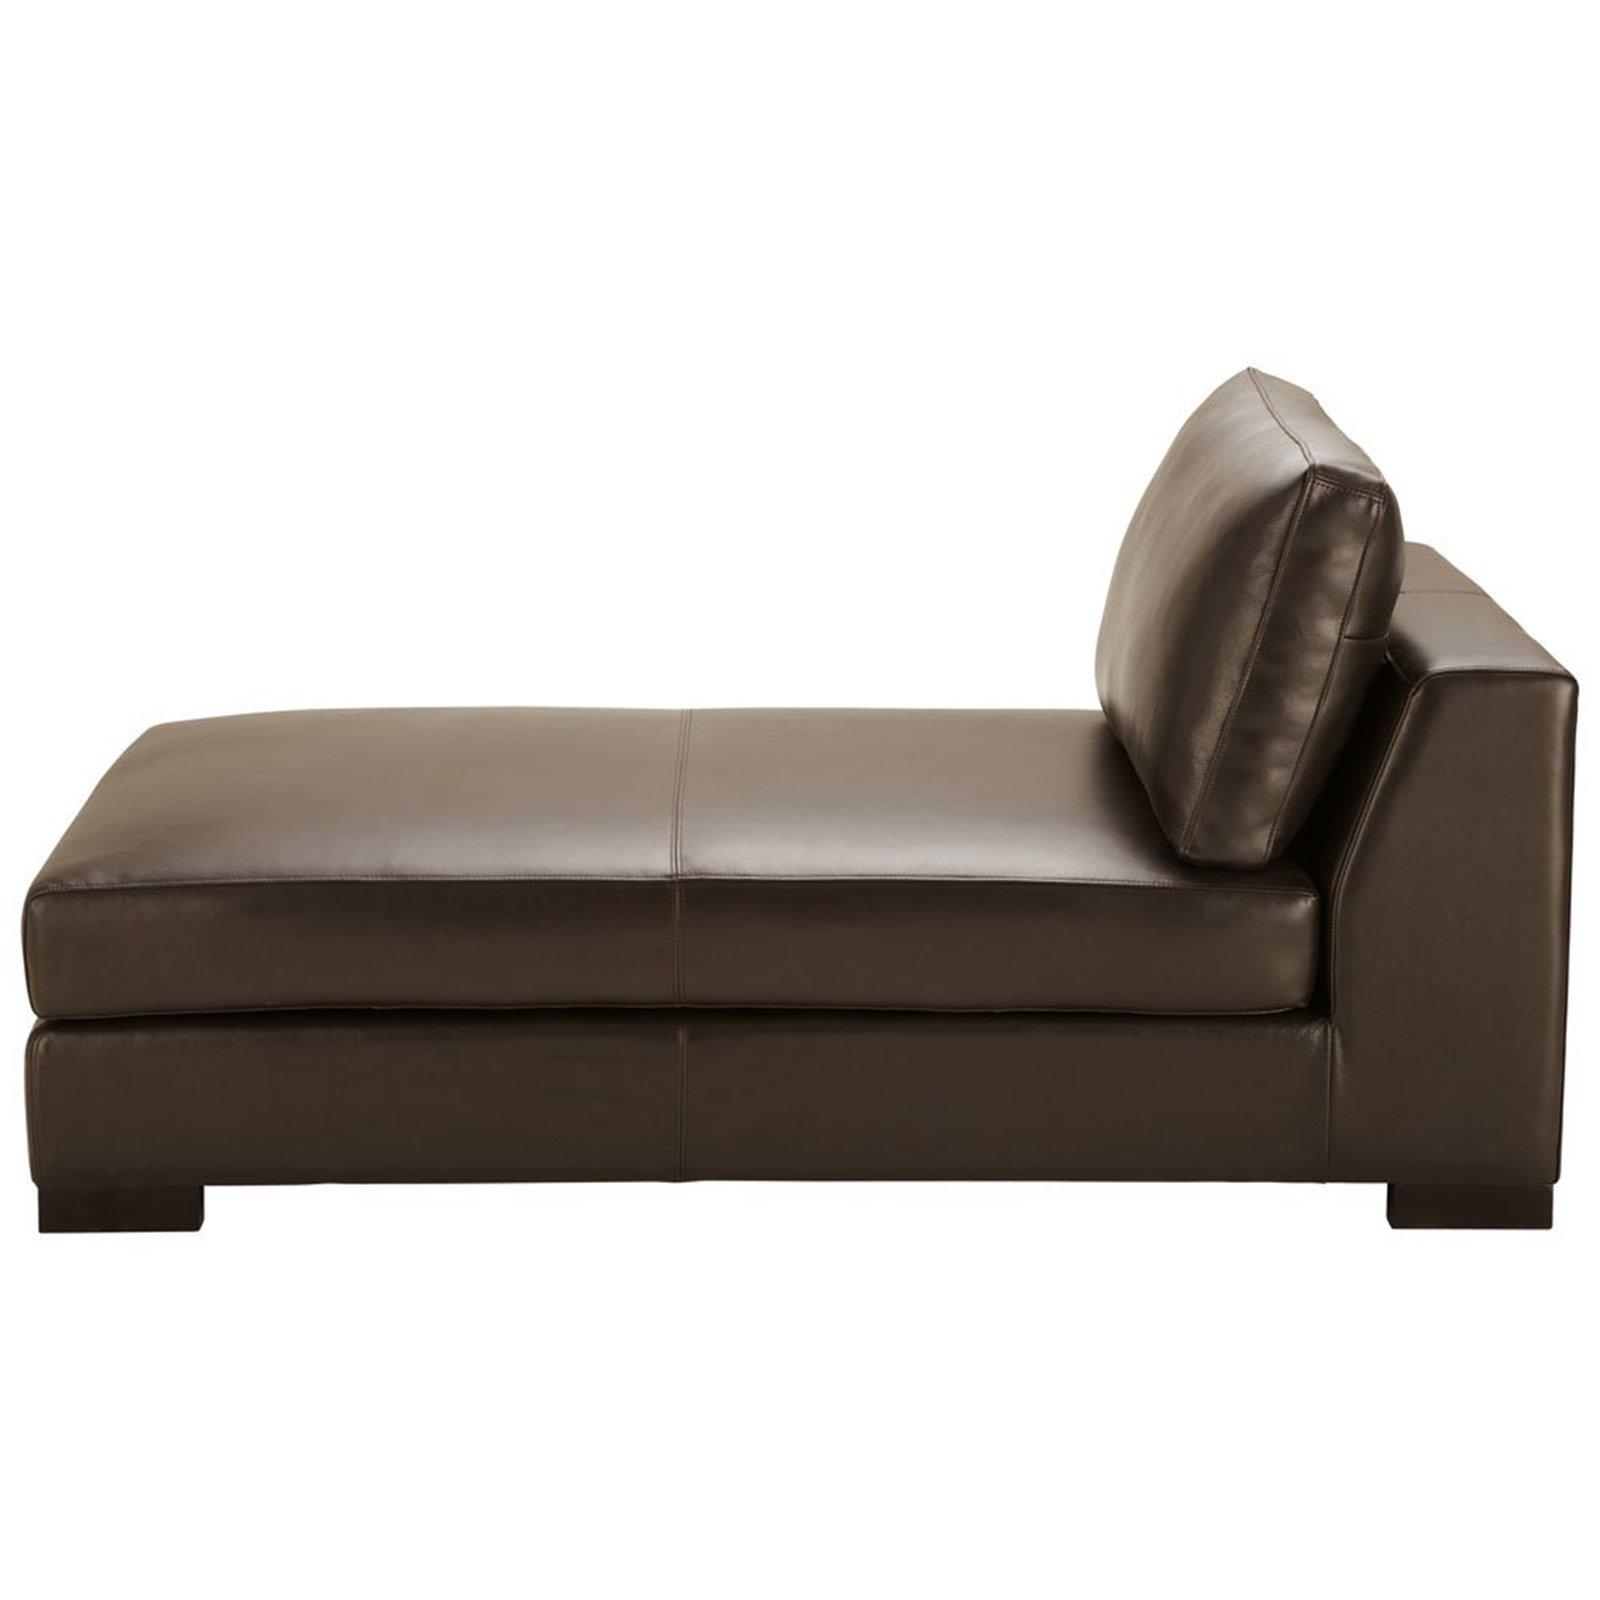 La poltrona a modo tuo relax sulla chaise longue cose - Maison du monde chaise longue ...